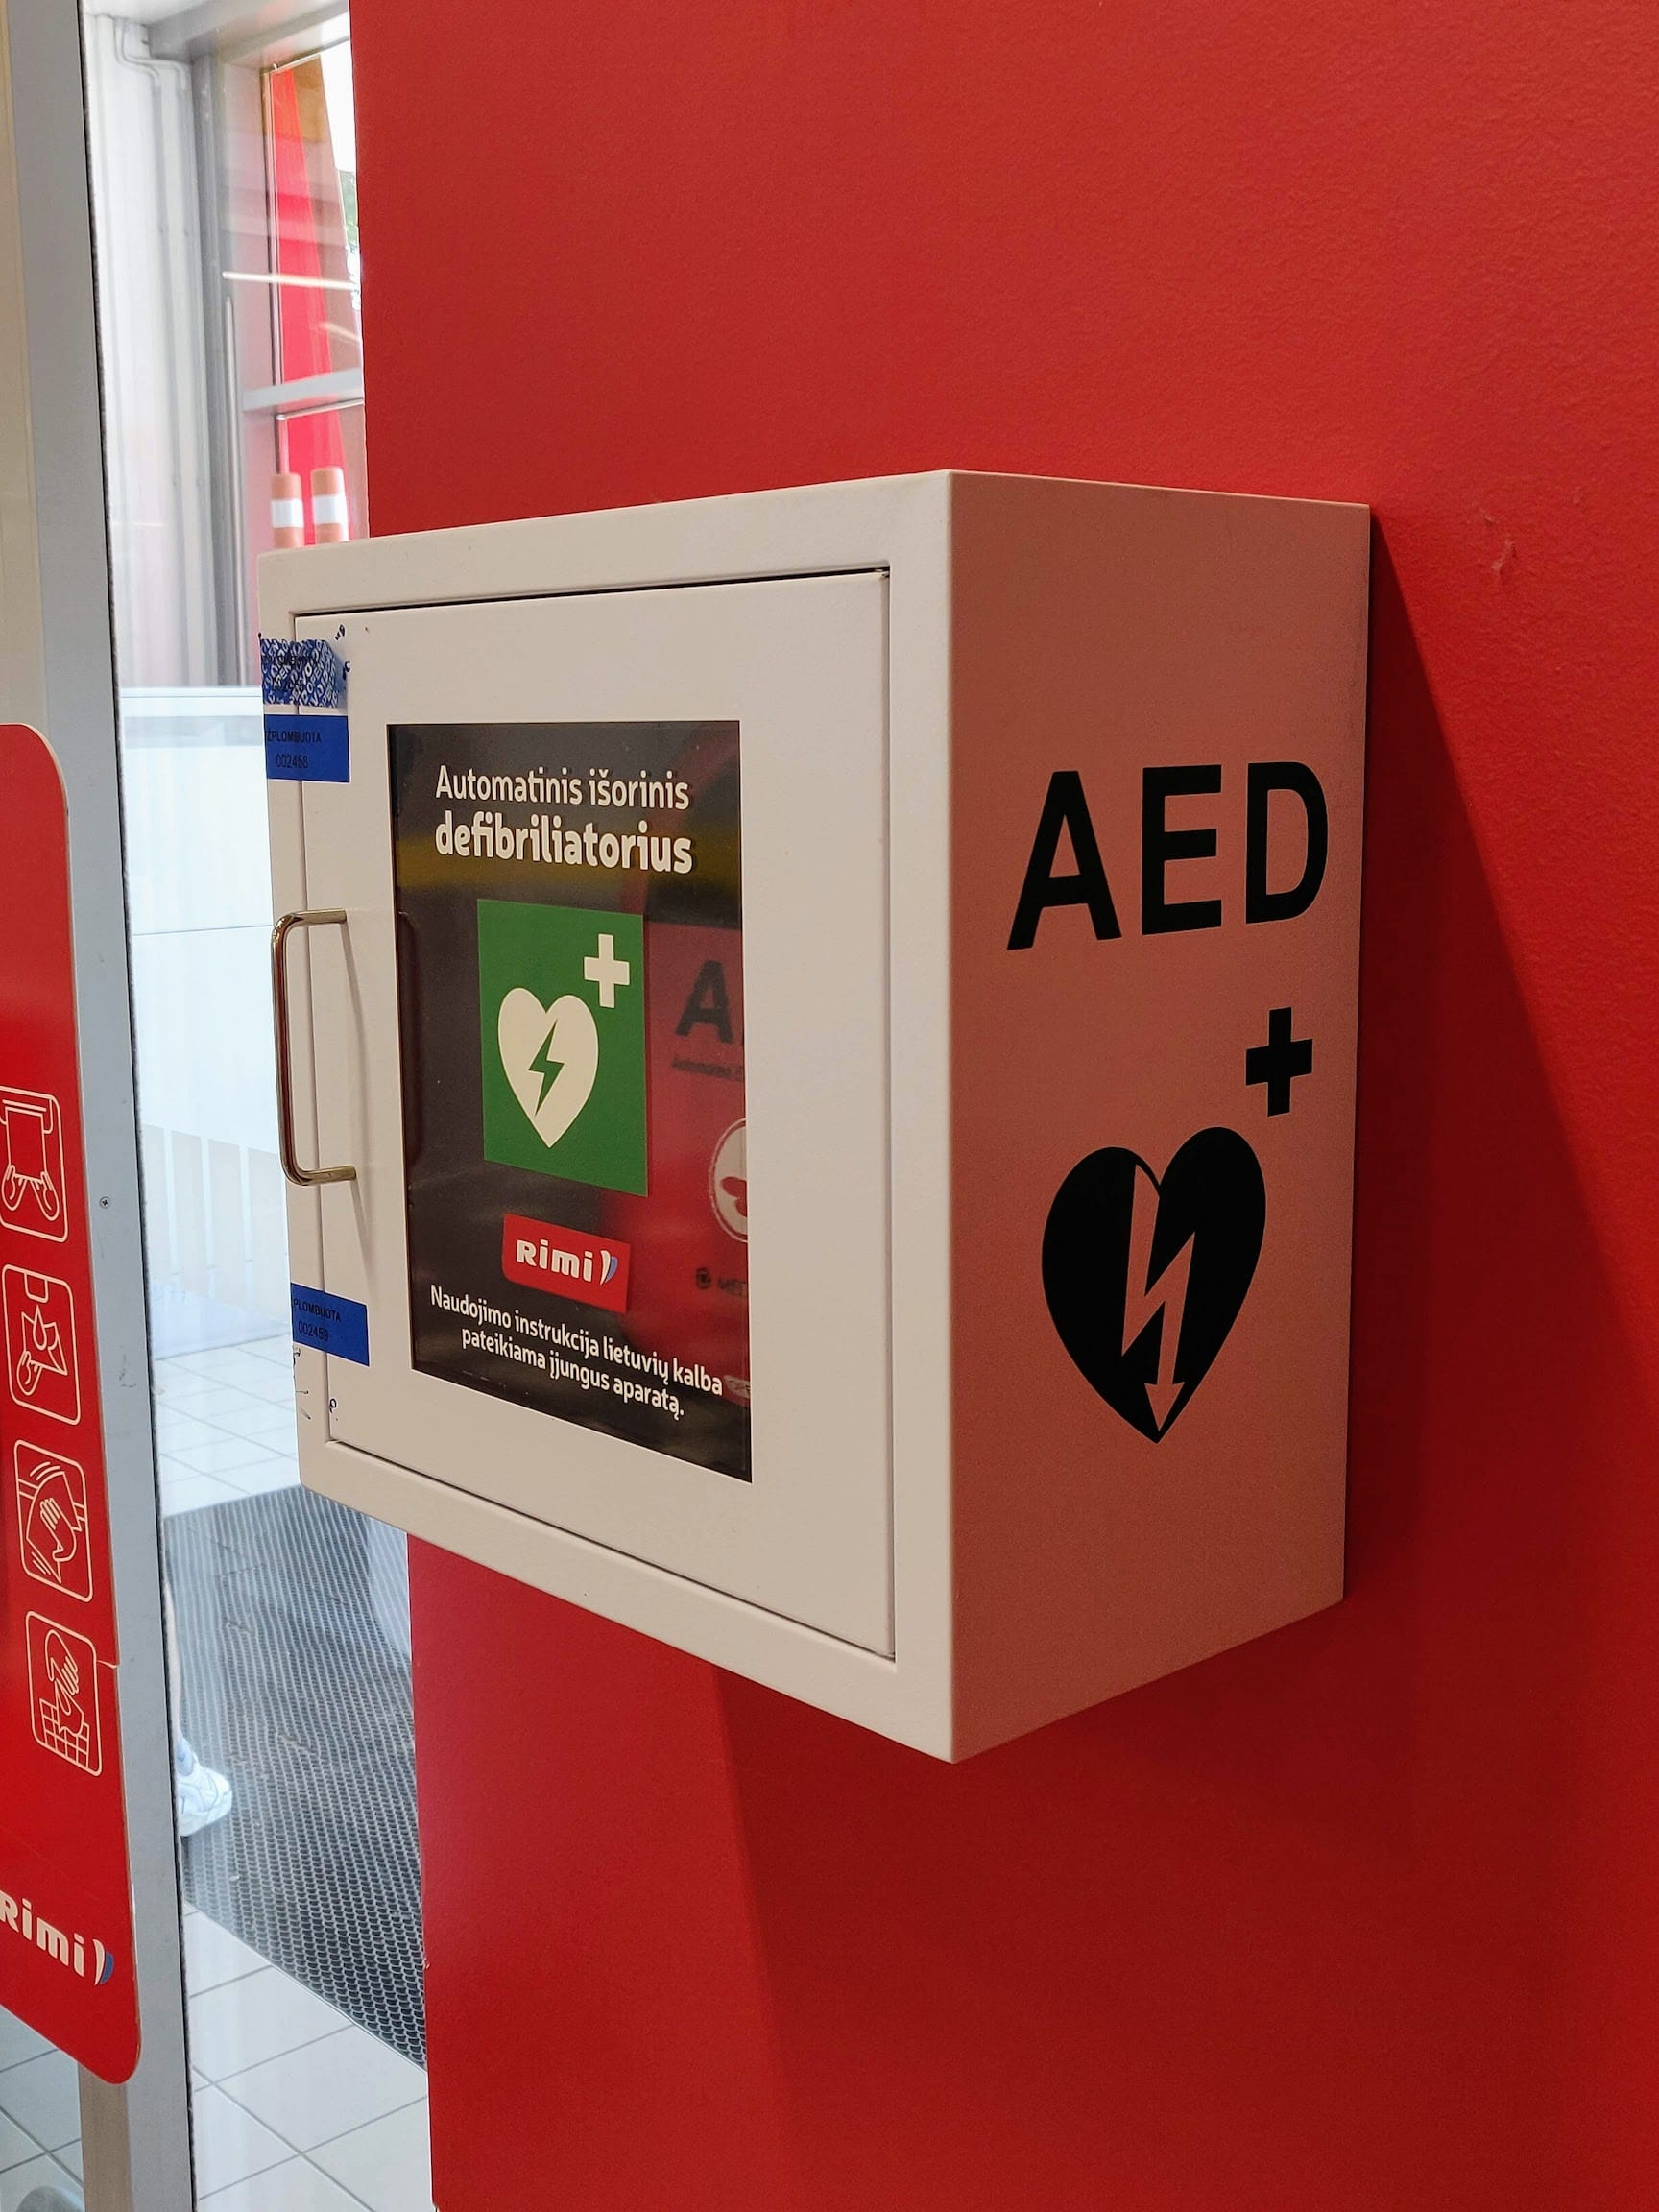 Automatiniai išoriniai defibriliatoriai Palangos Rimi iš arti